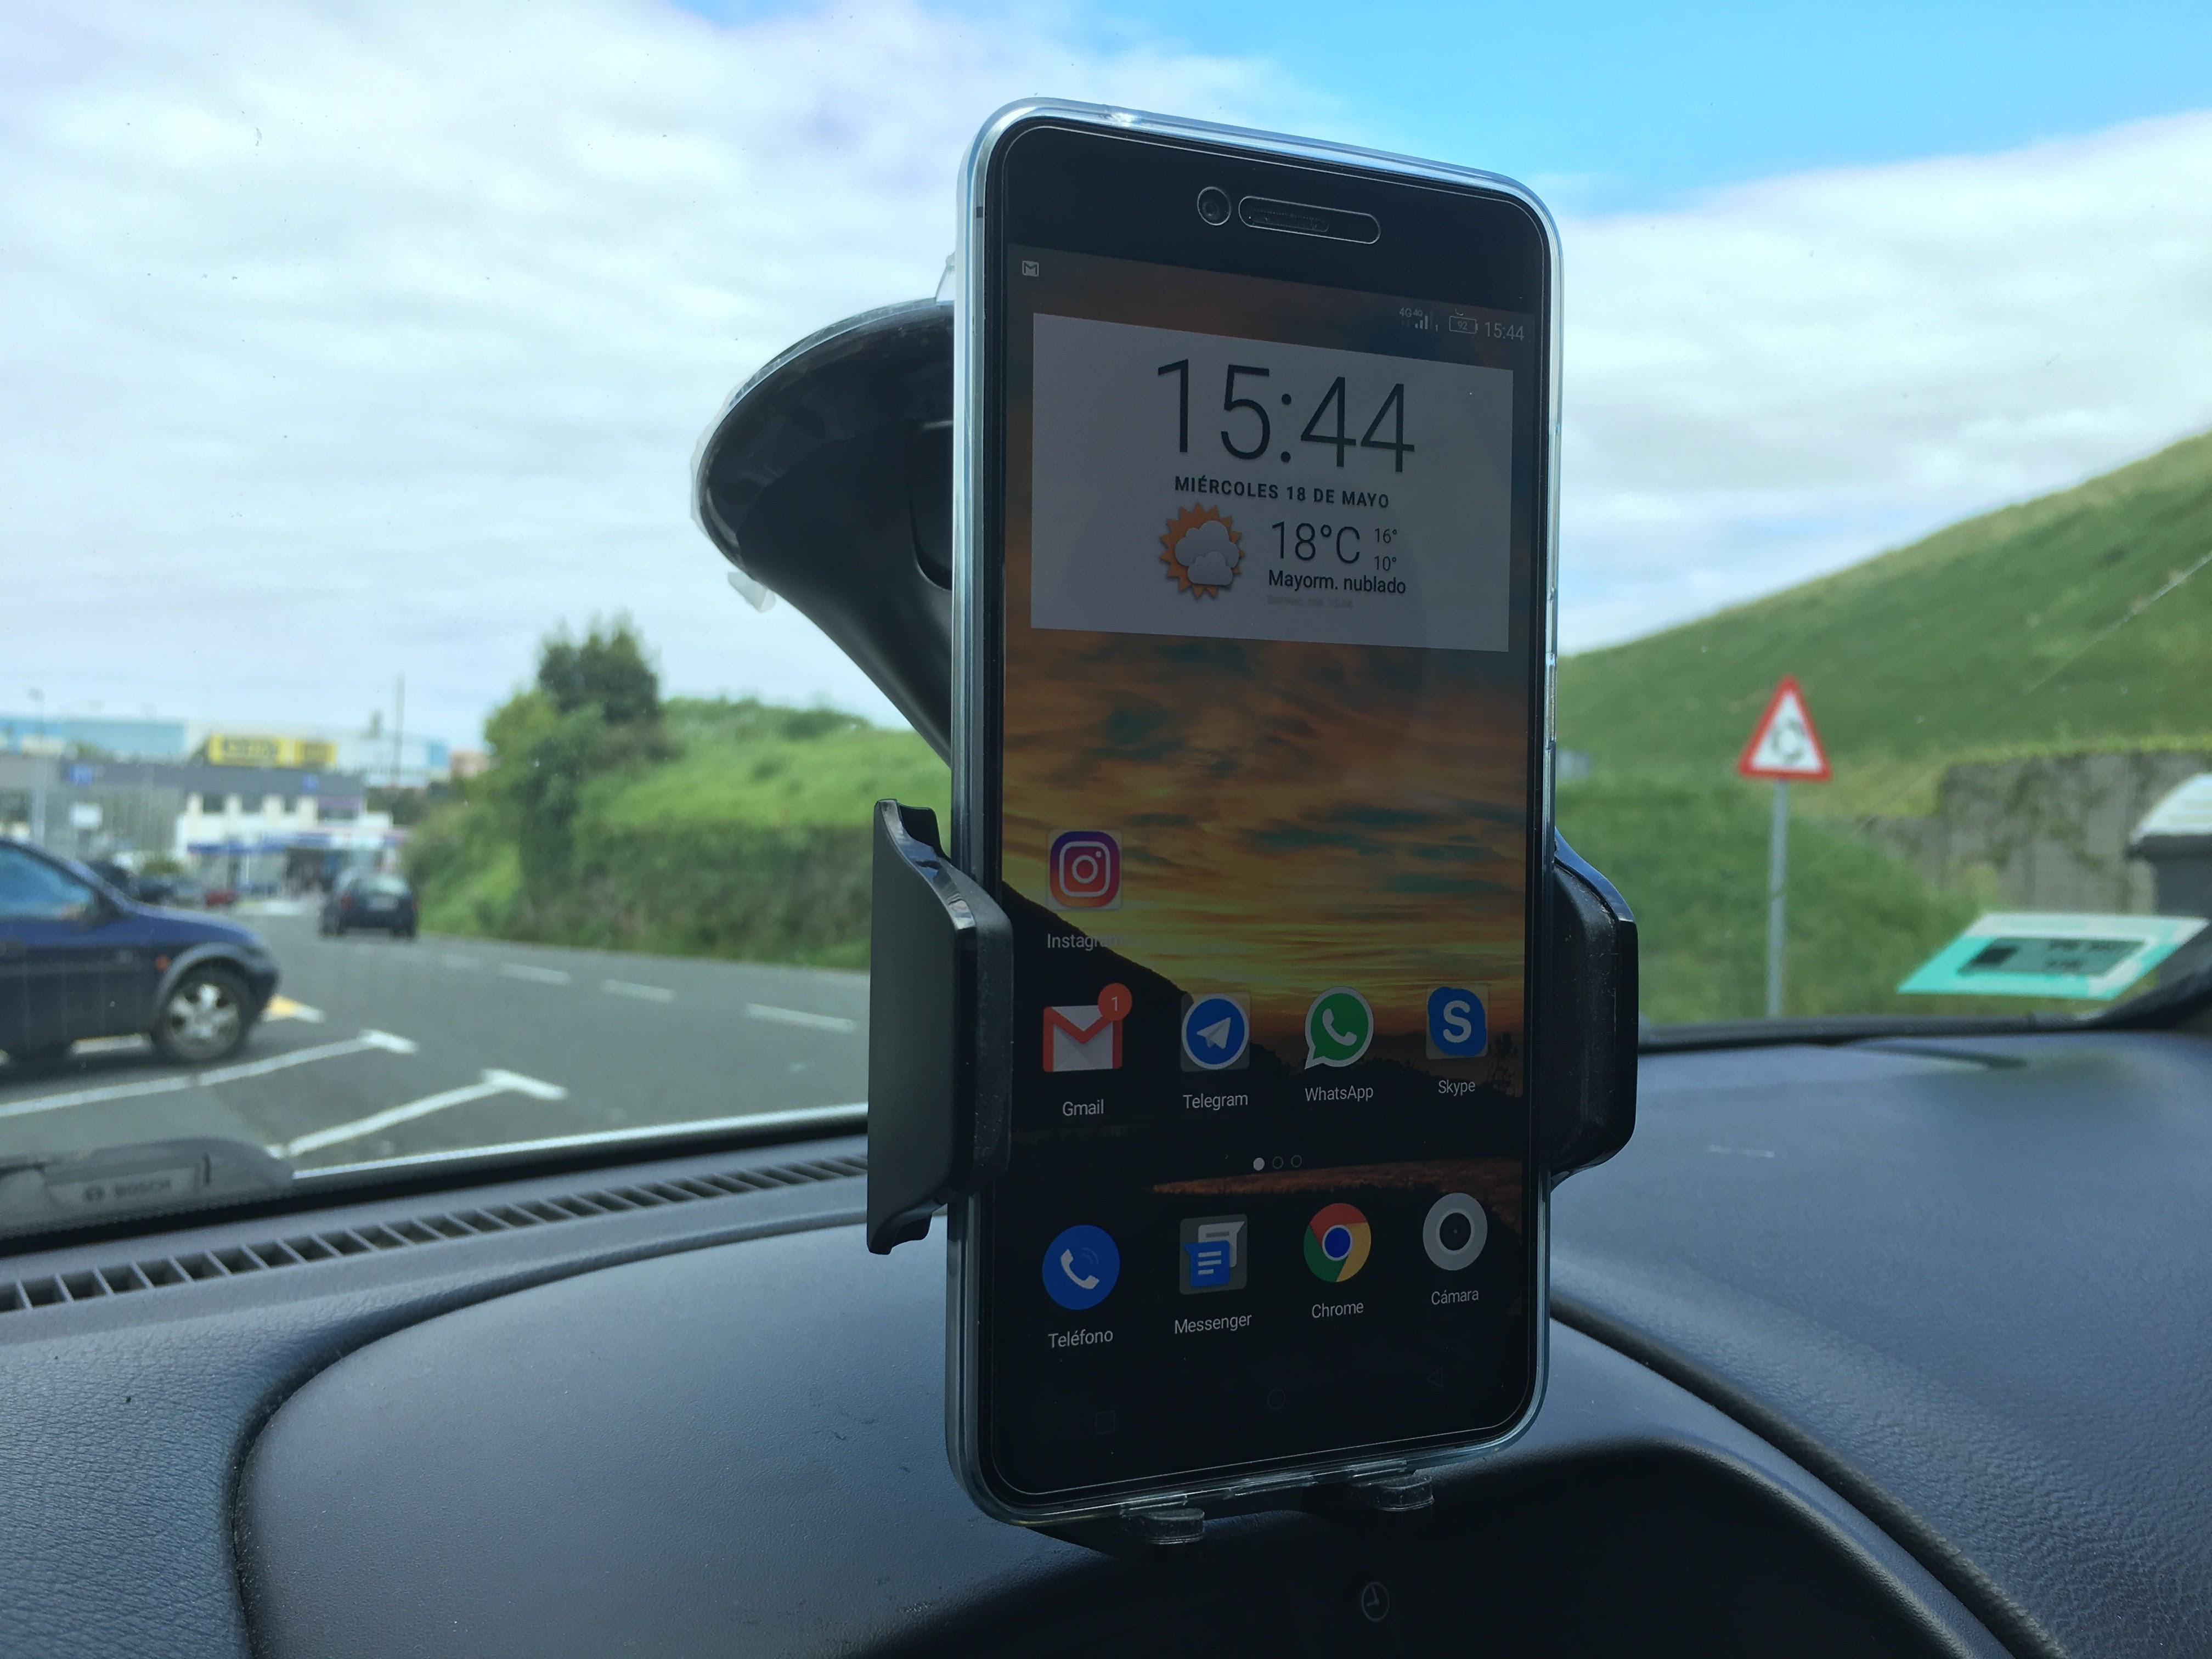 Soporte de coche universal oficial Samsung, la delicia de los soportes